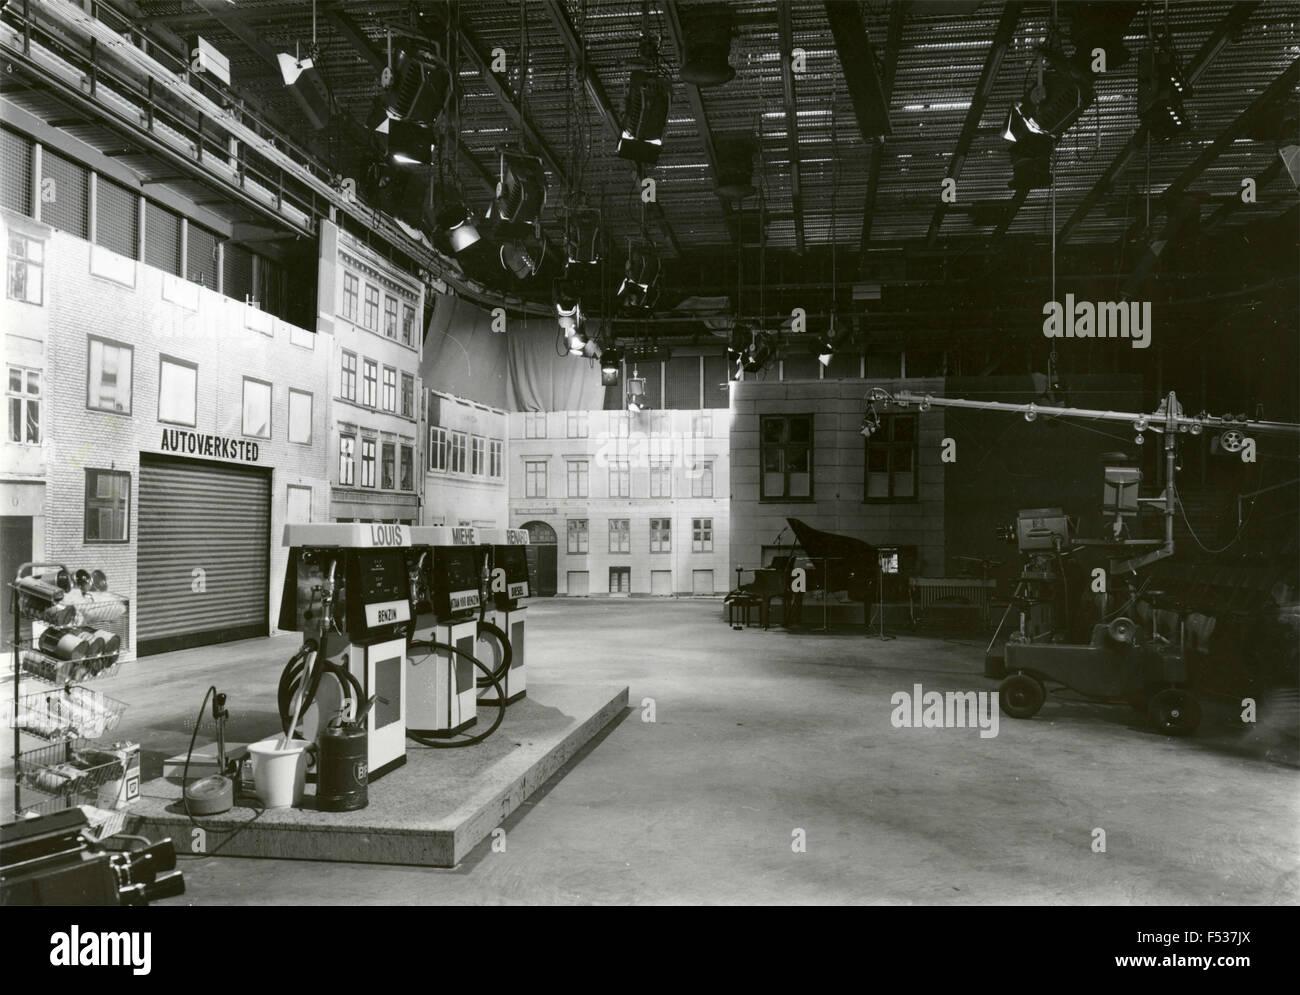 Un décor de cinéma avec une station service , Danemark Photo Stock